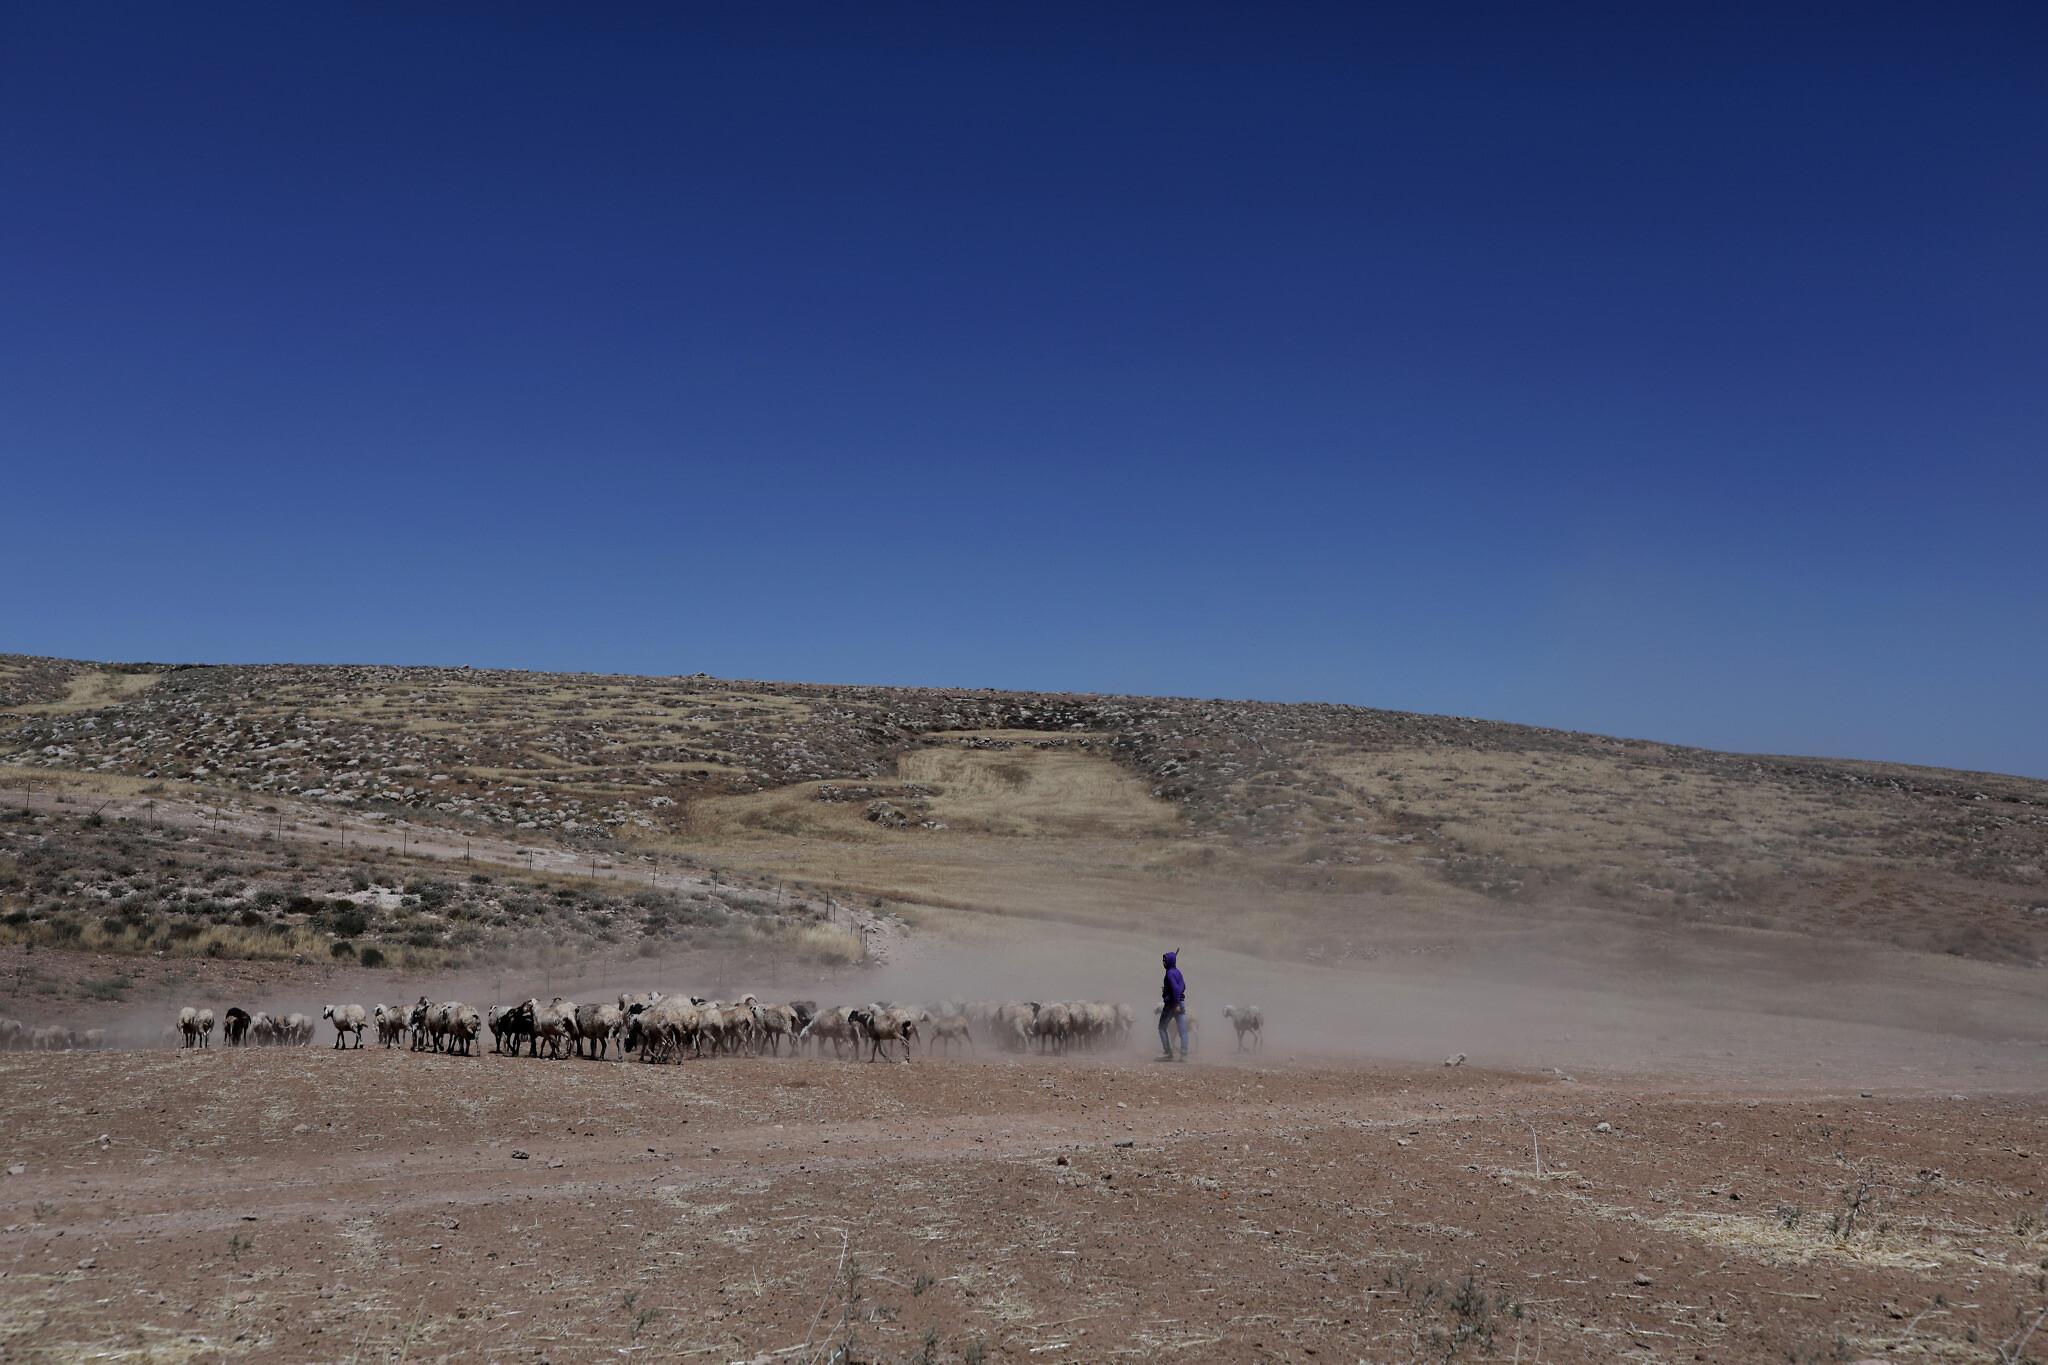 חוות טליה (צילום: אלדד רפאלי)